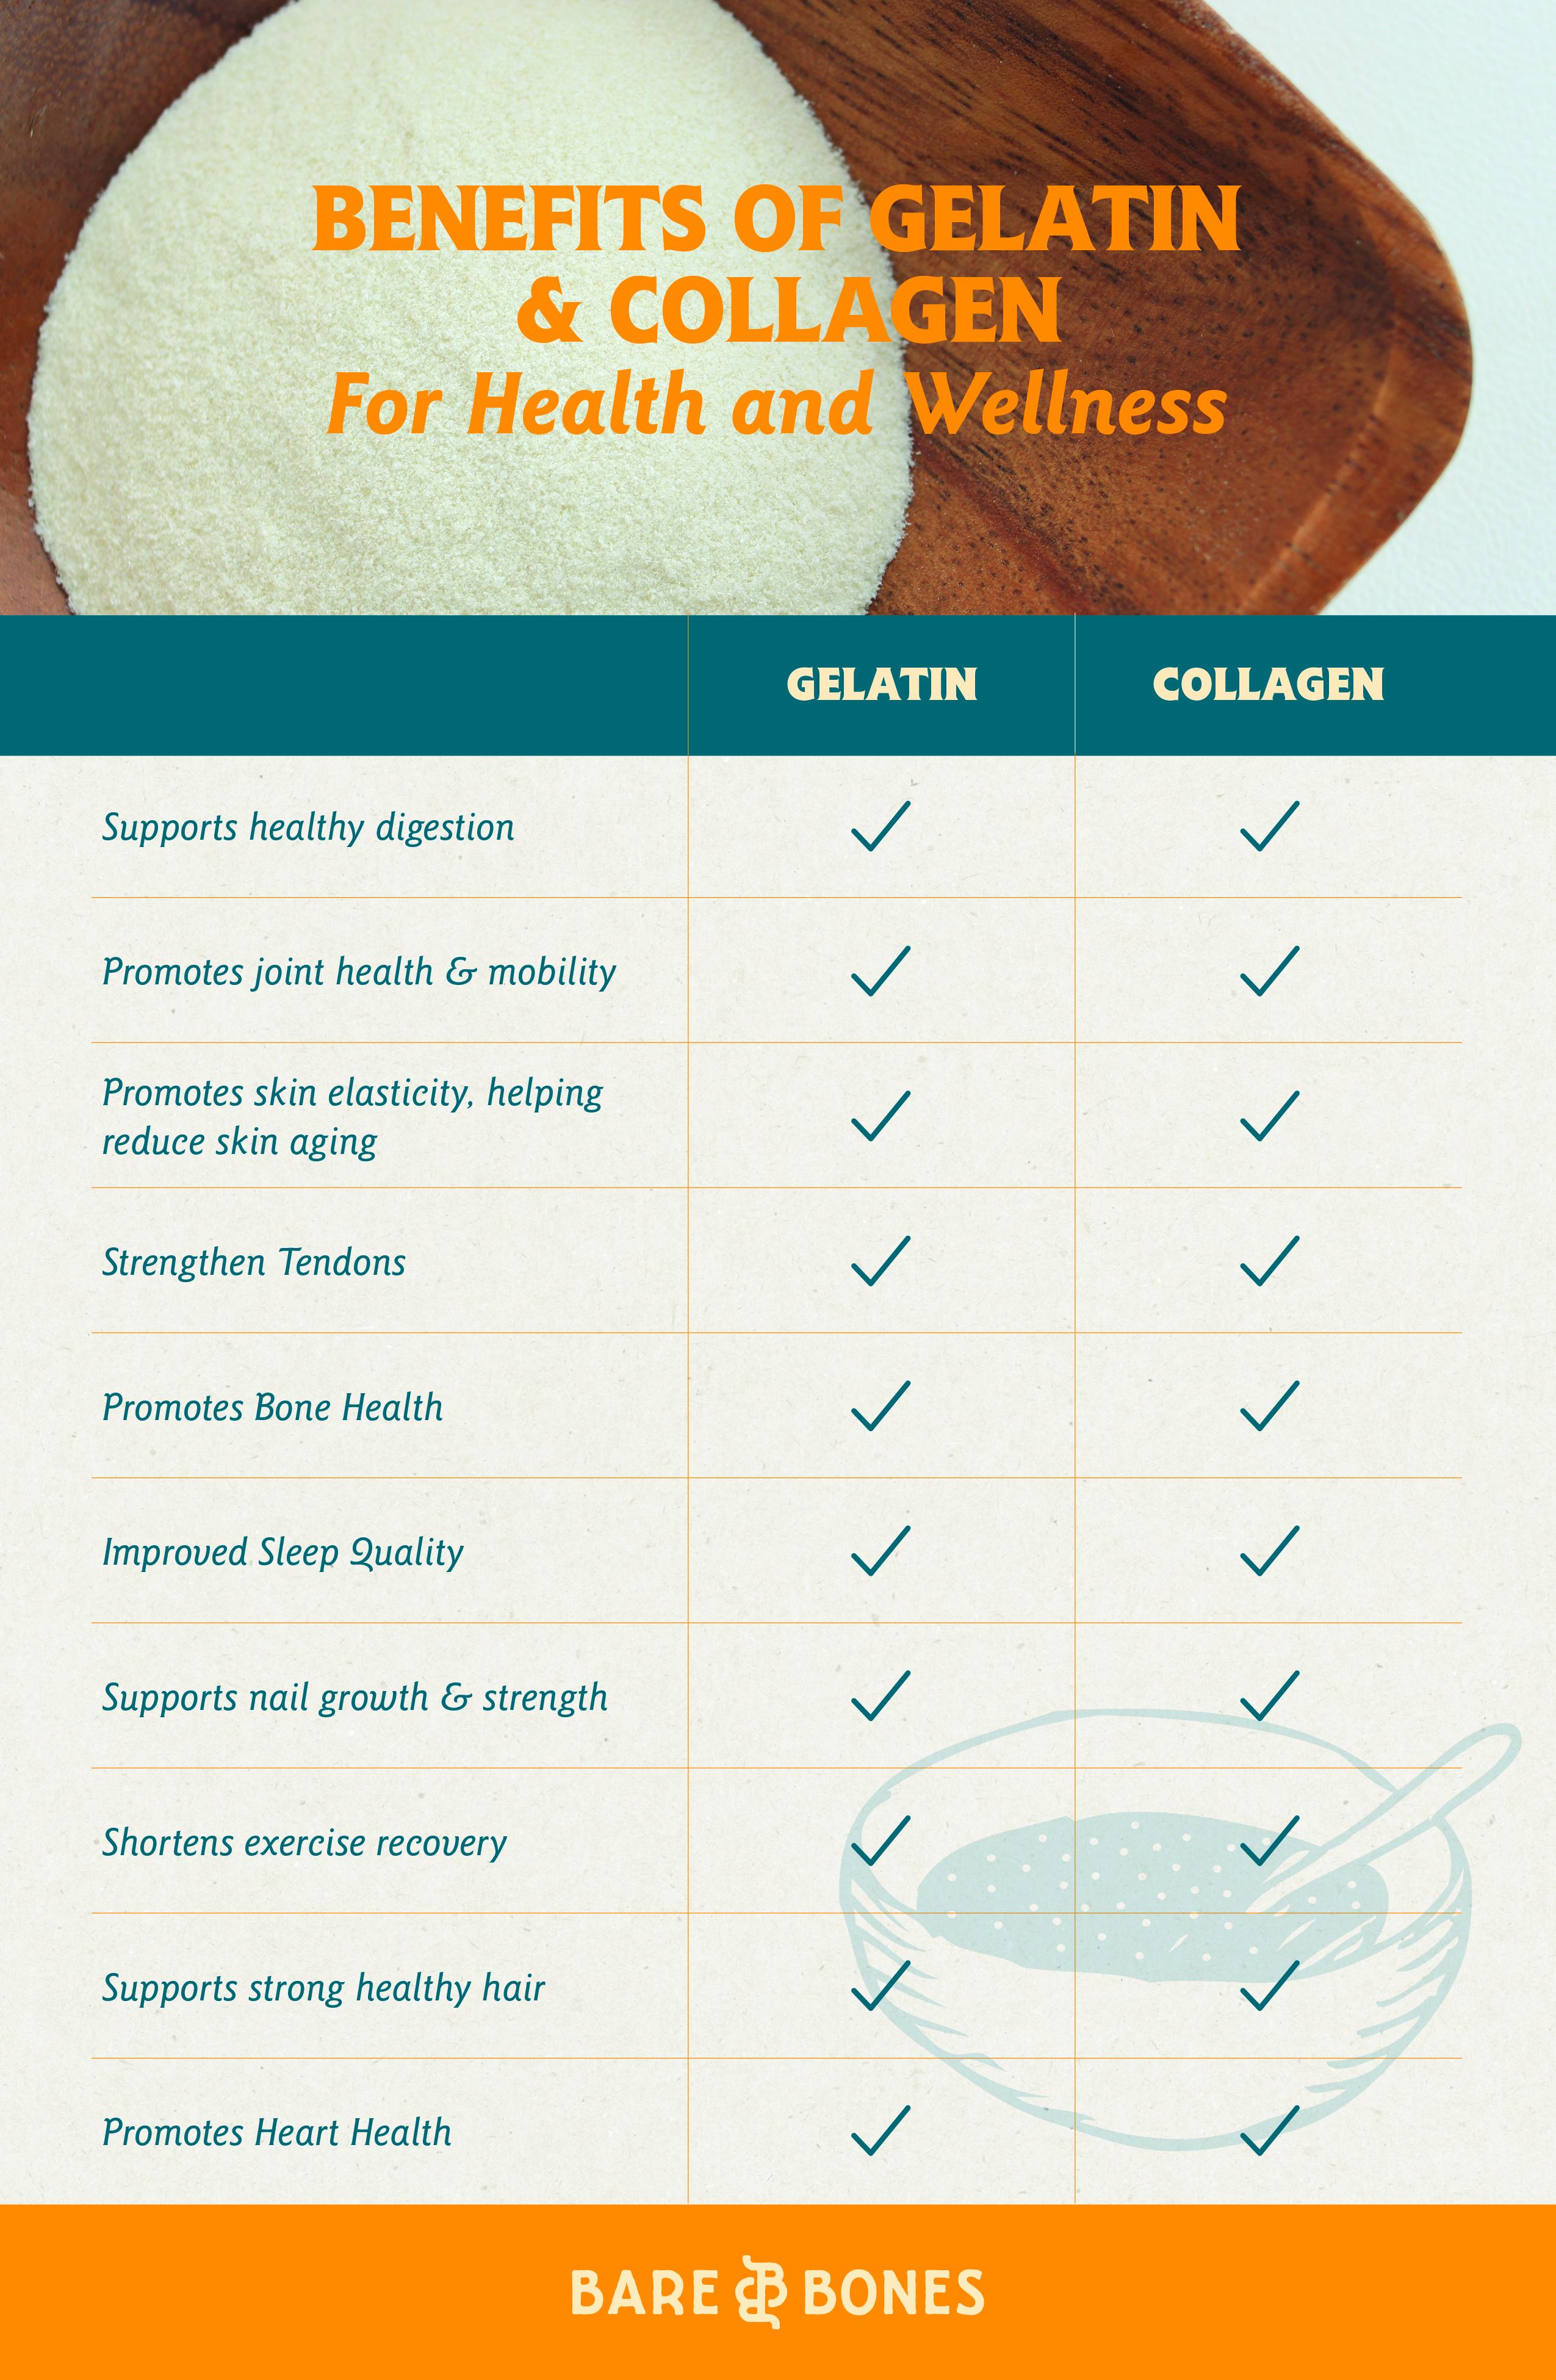 colagen vs gelatin